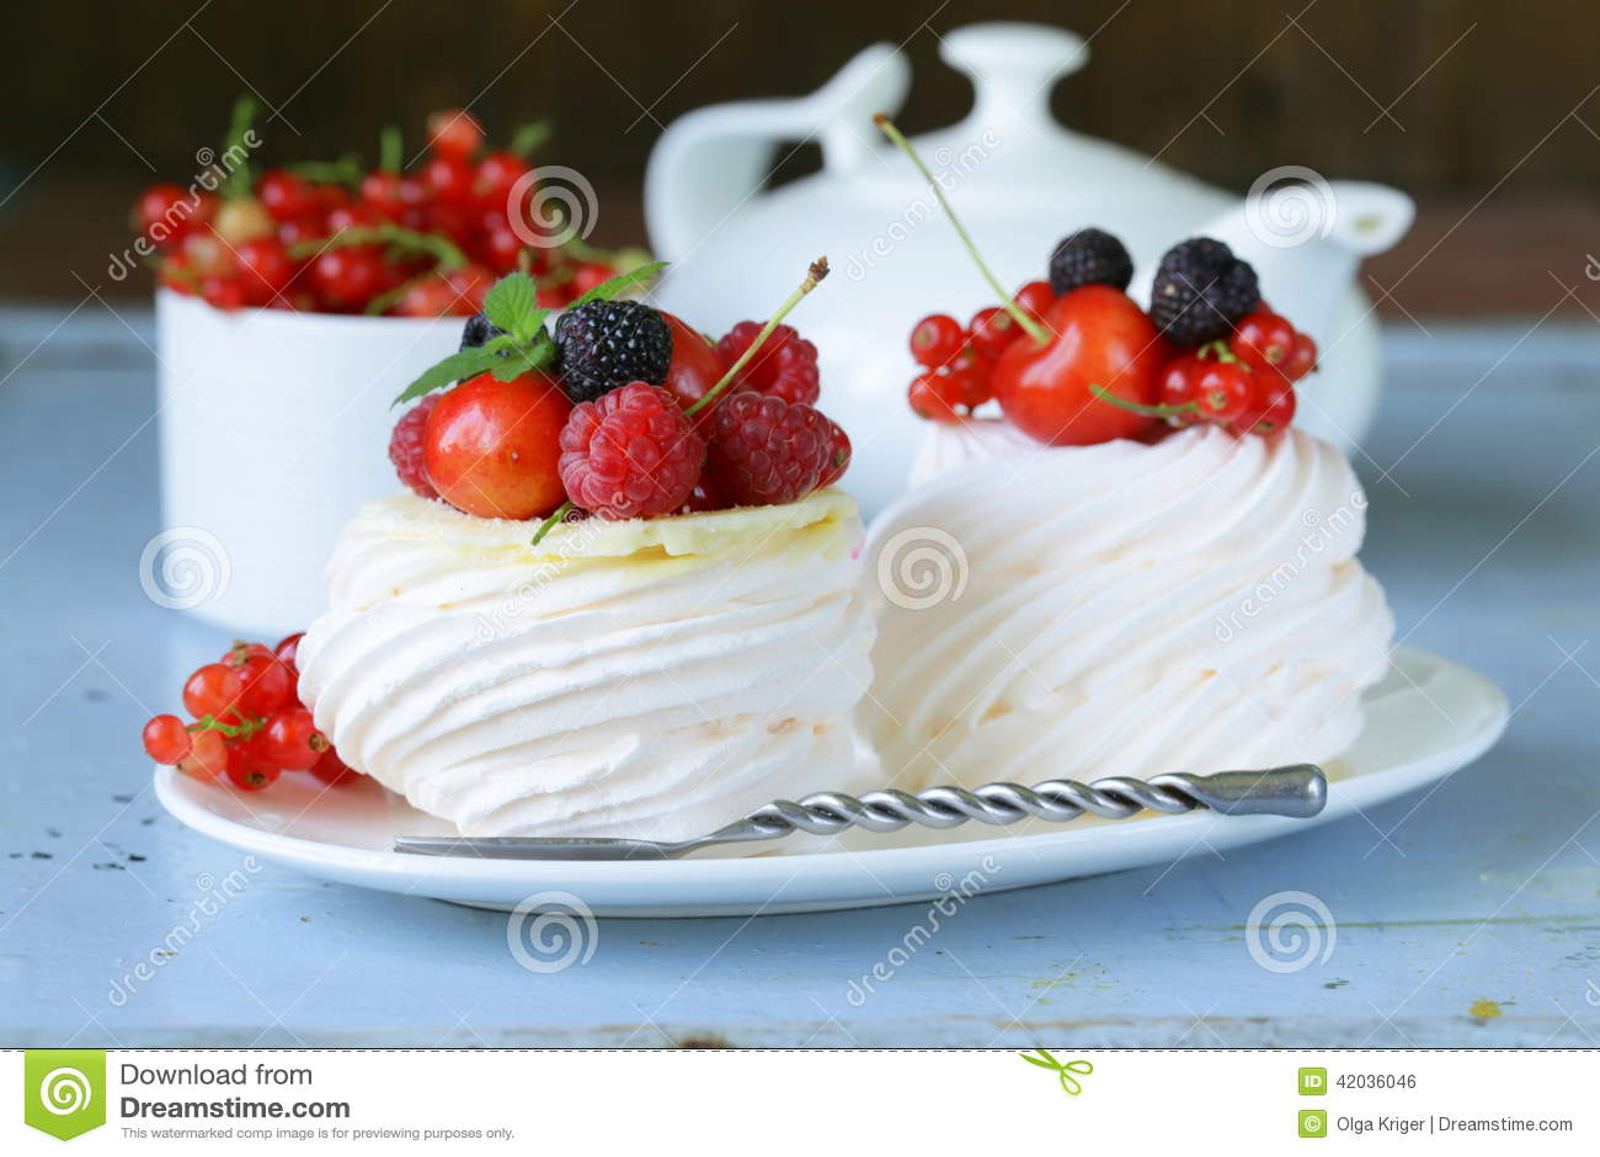 vacherin traditionnel de dessert d 39 t avec des baies photo stock image 42036046. Black Bedroom Furniture Sets. Home Design Ideas